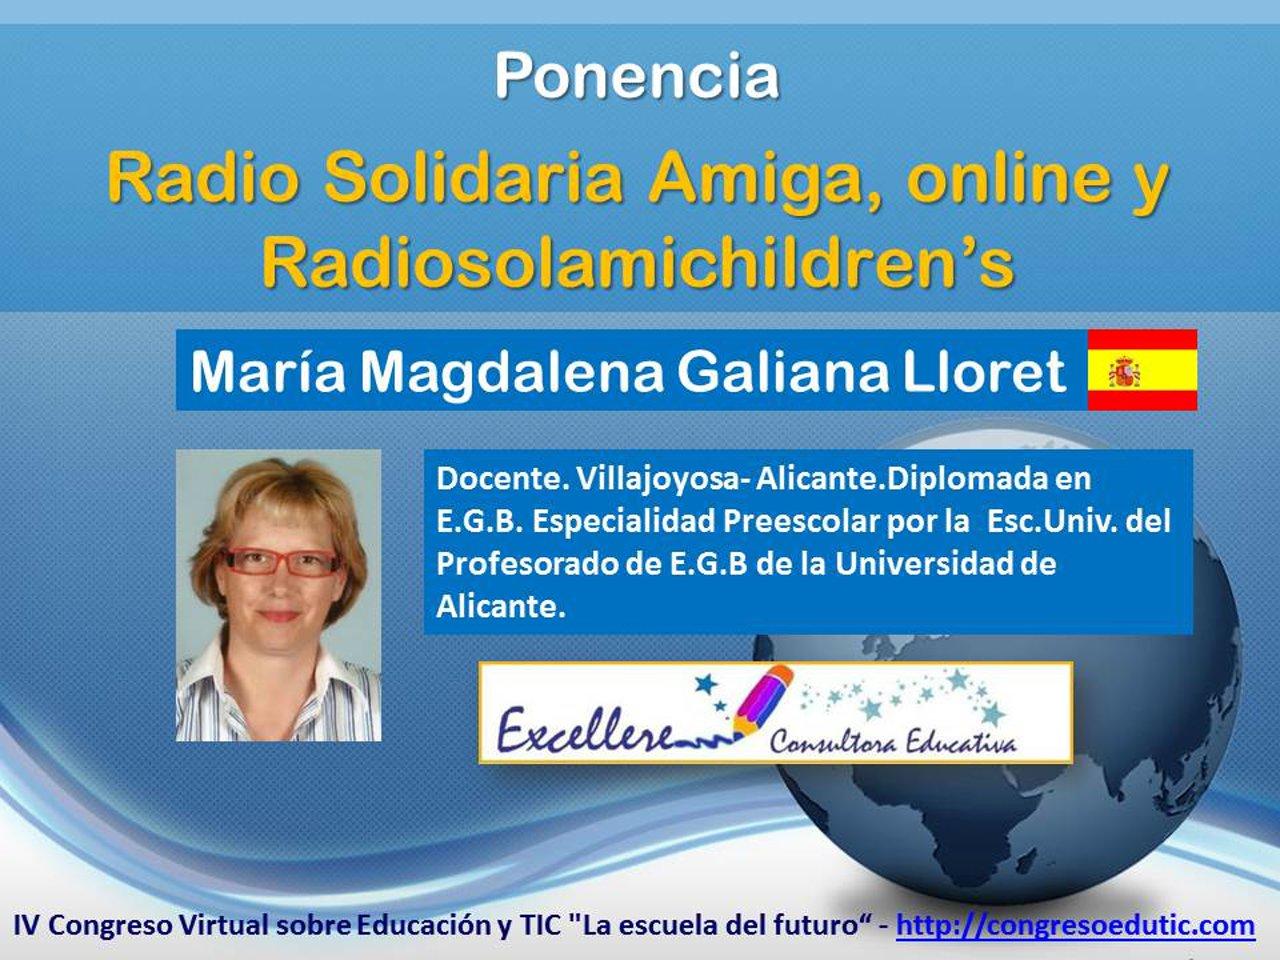 Ponencia de María Magdalena Galiana